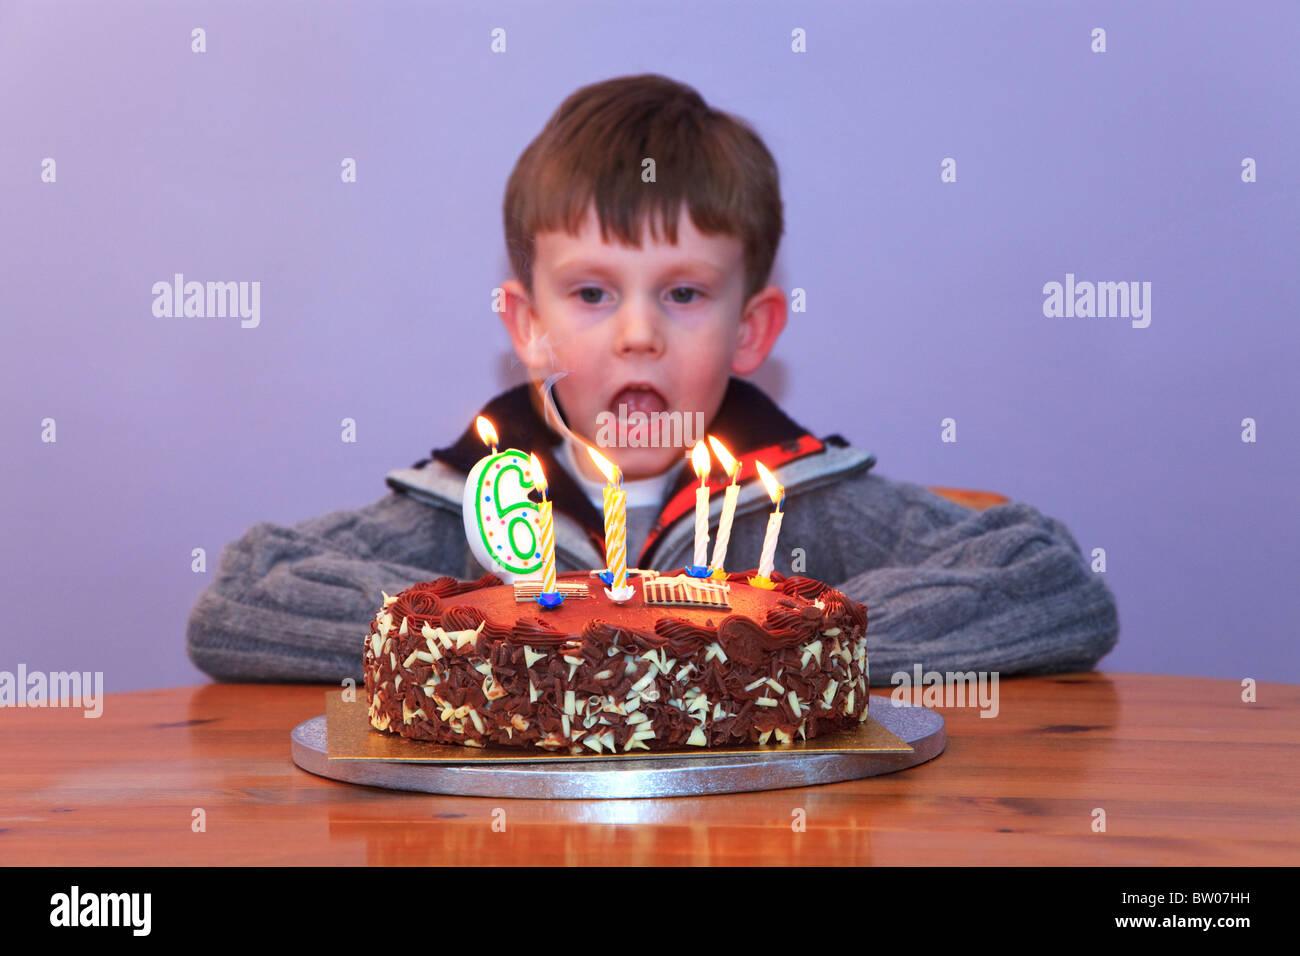 Ein 6-jähriger Junge Blick auf die Kerzen auf seine Geburtstagstorte Stockbild